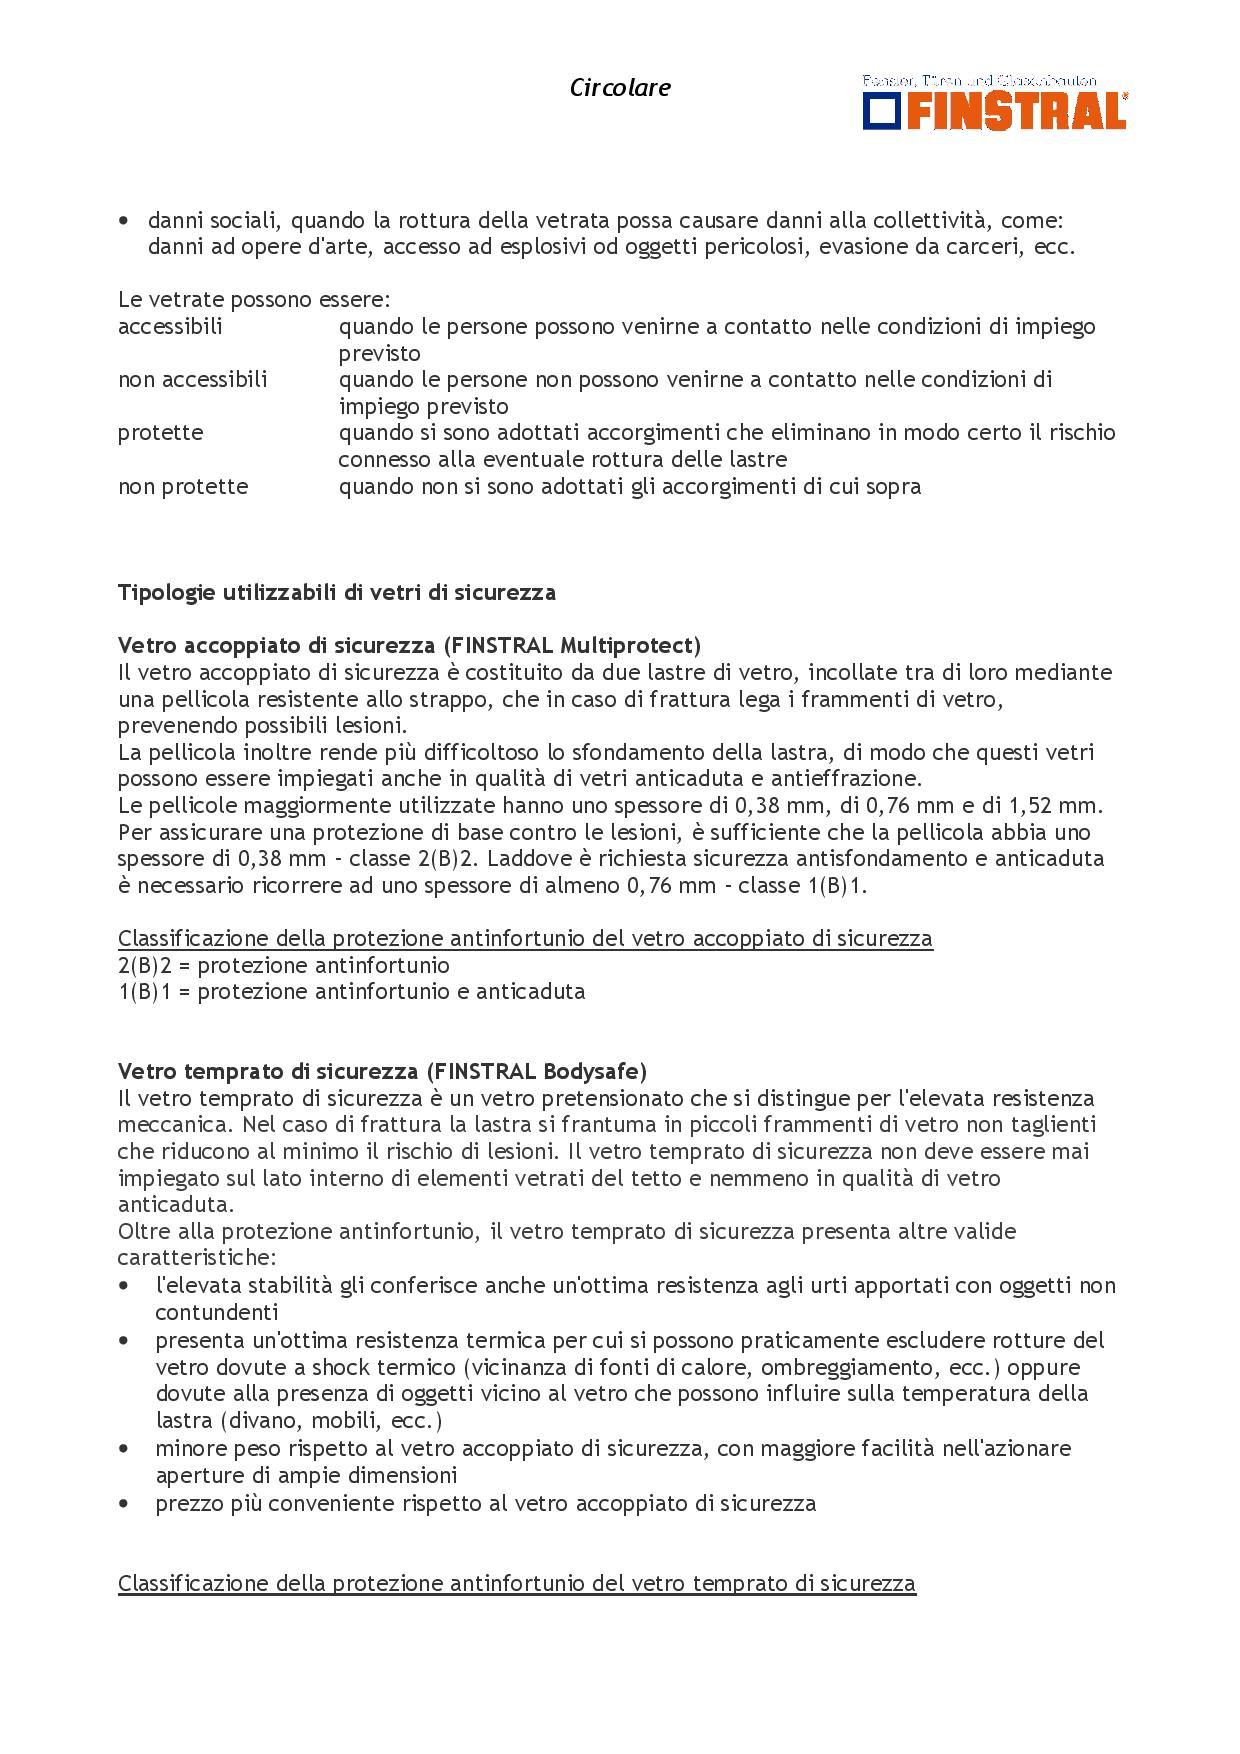 Revisione Norma UNI 7697_IT-page-002